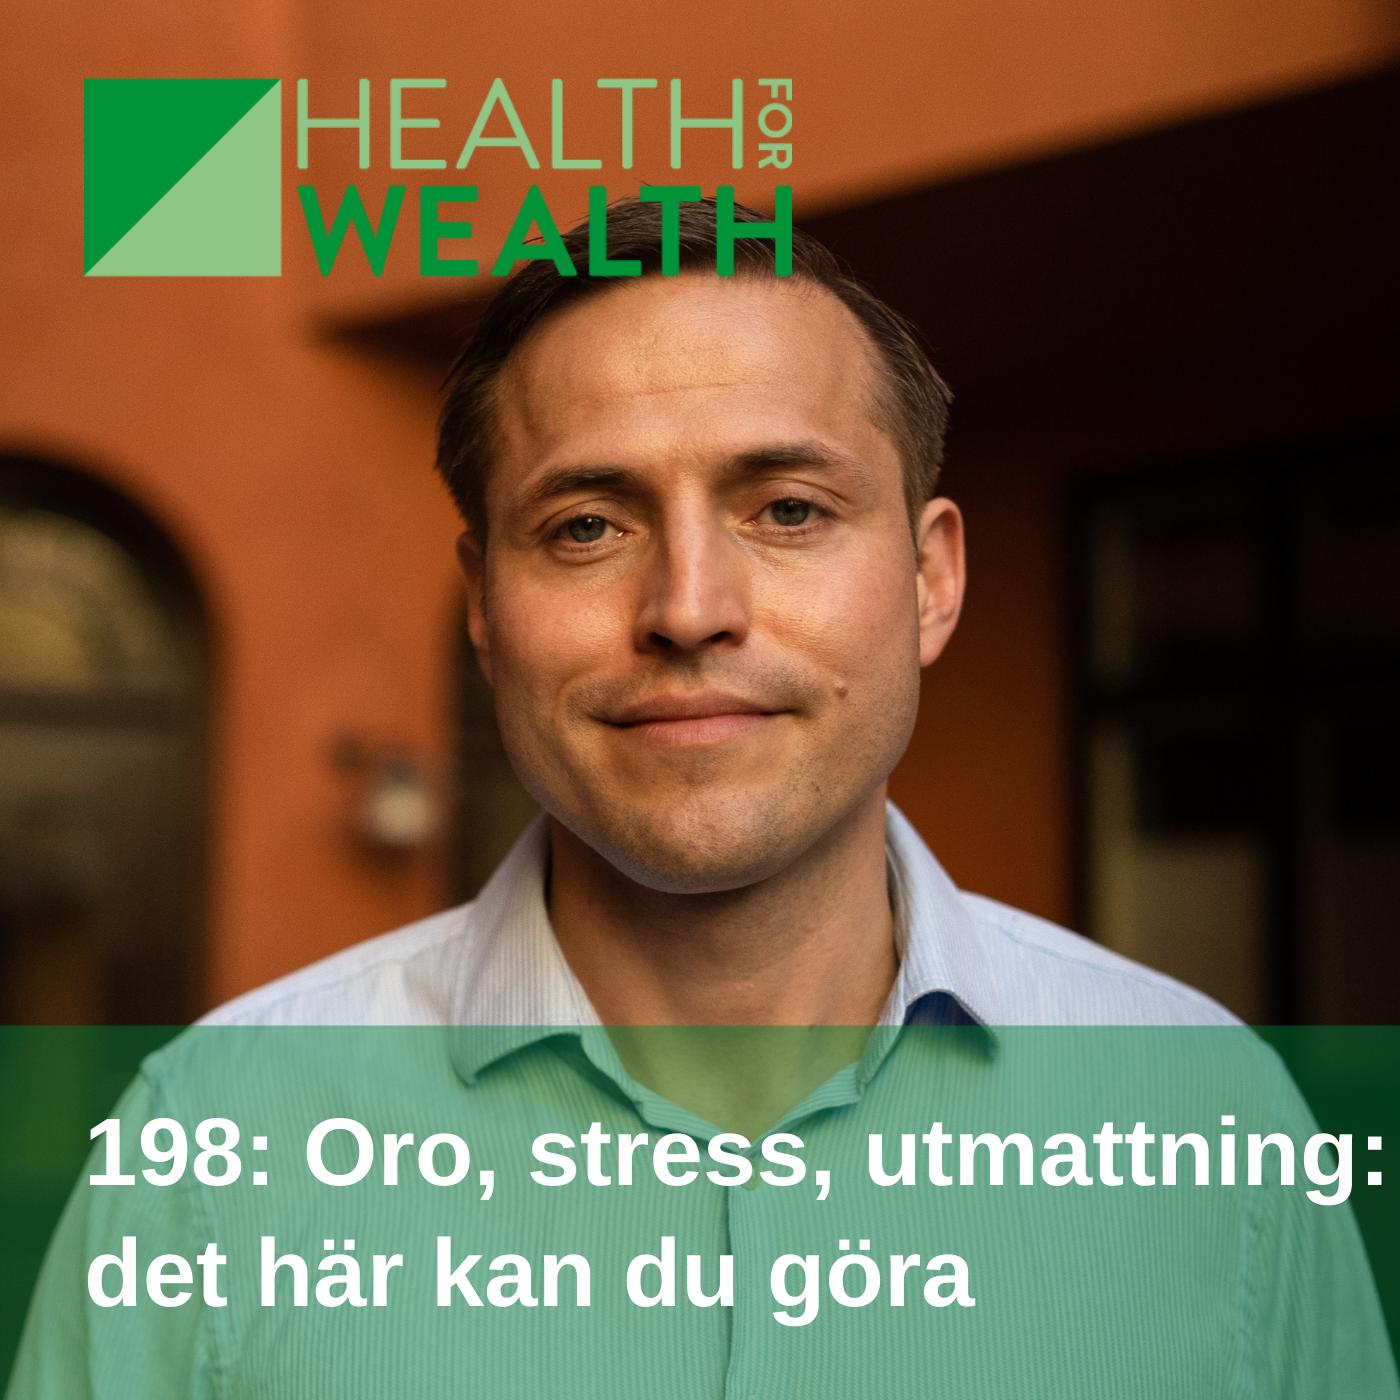 198: Oro, stress och utmattning, det här kan du göra